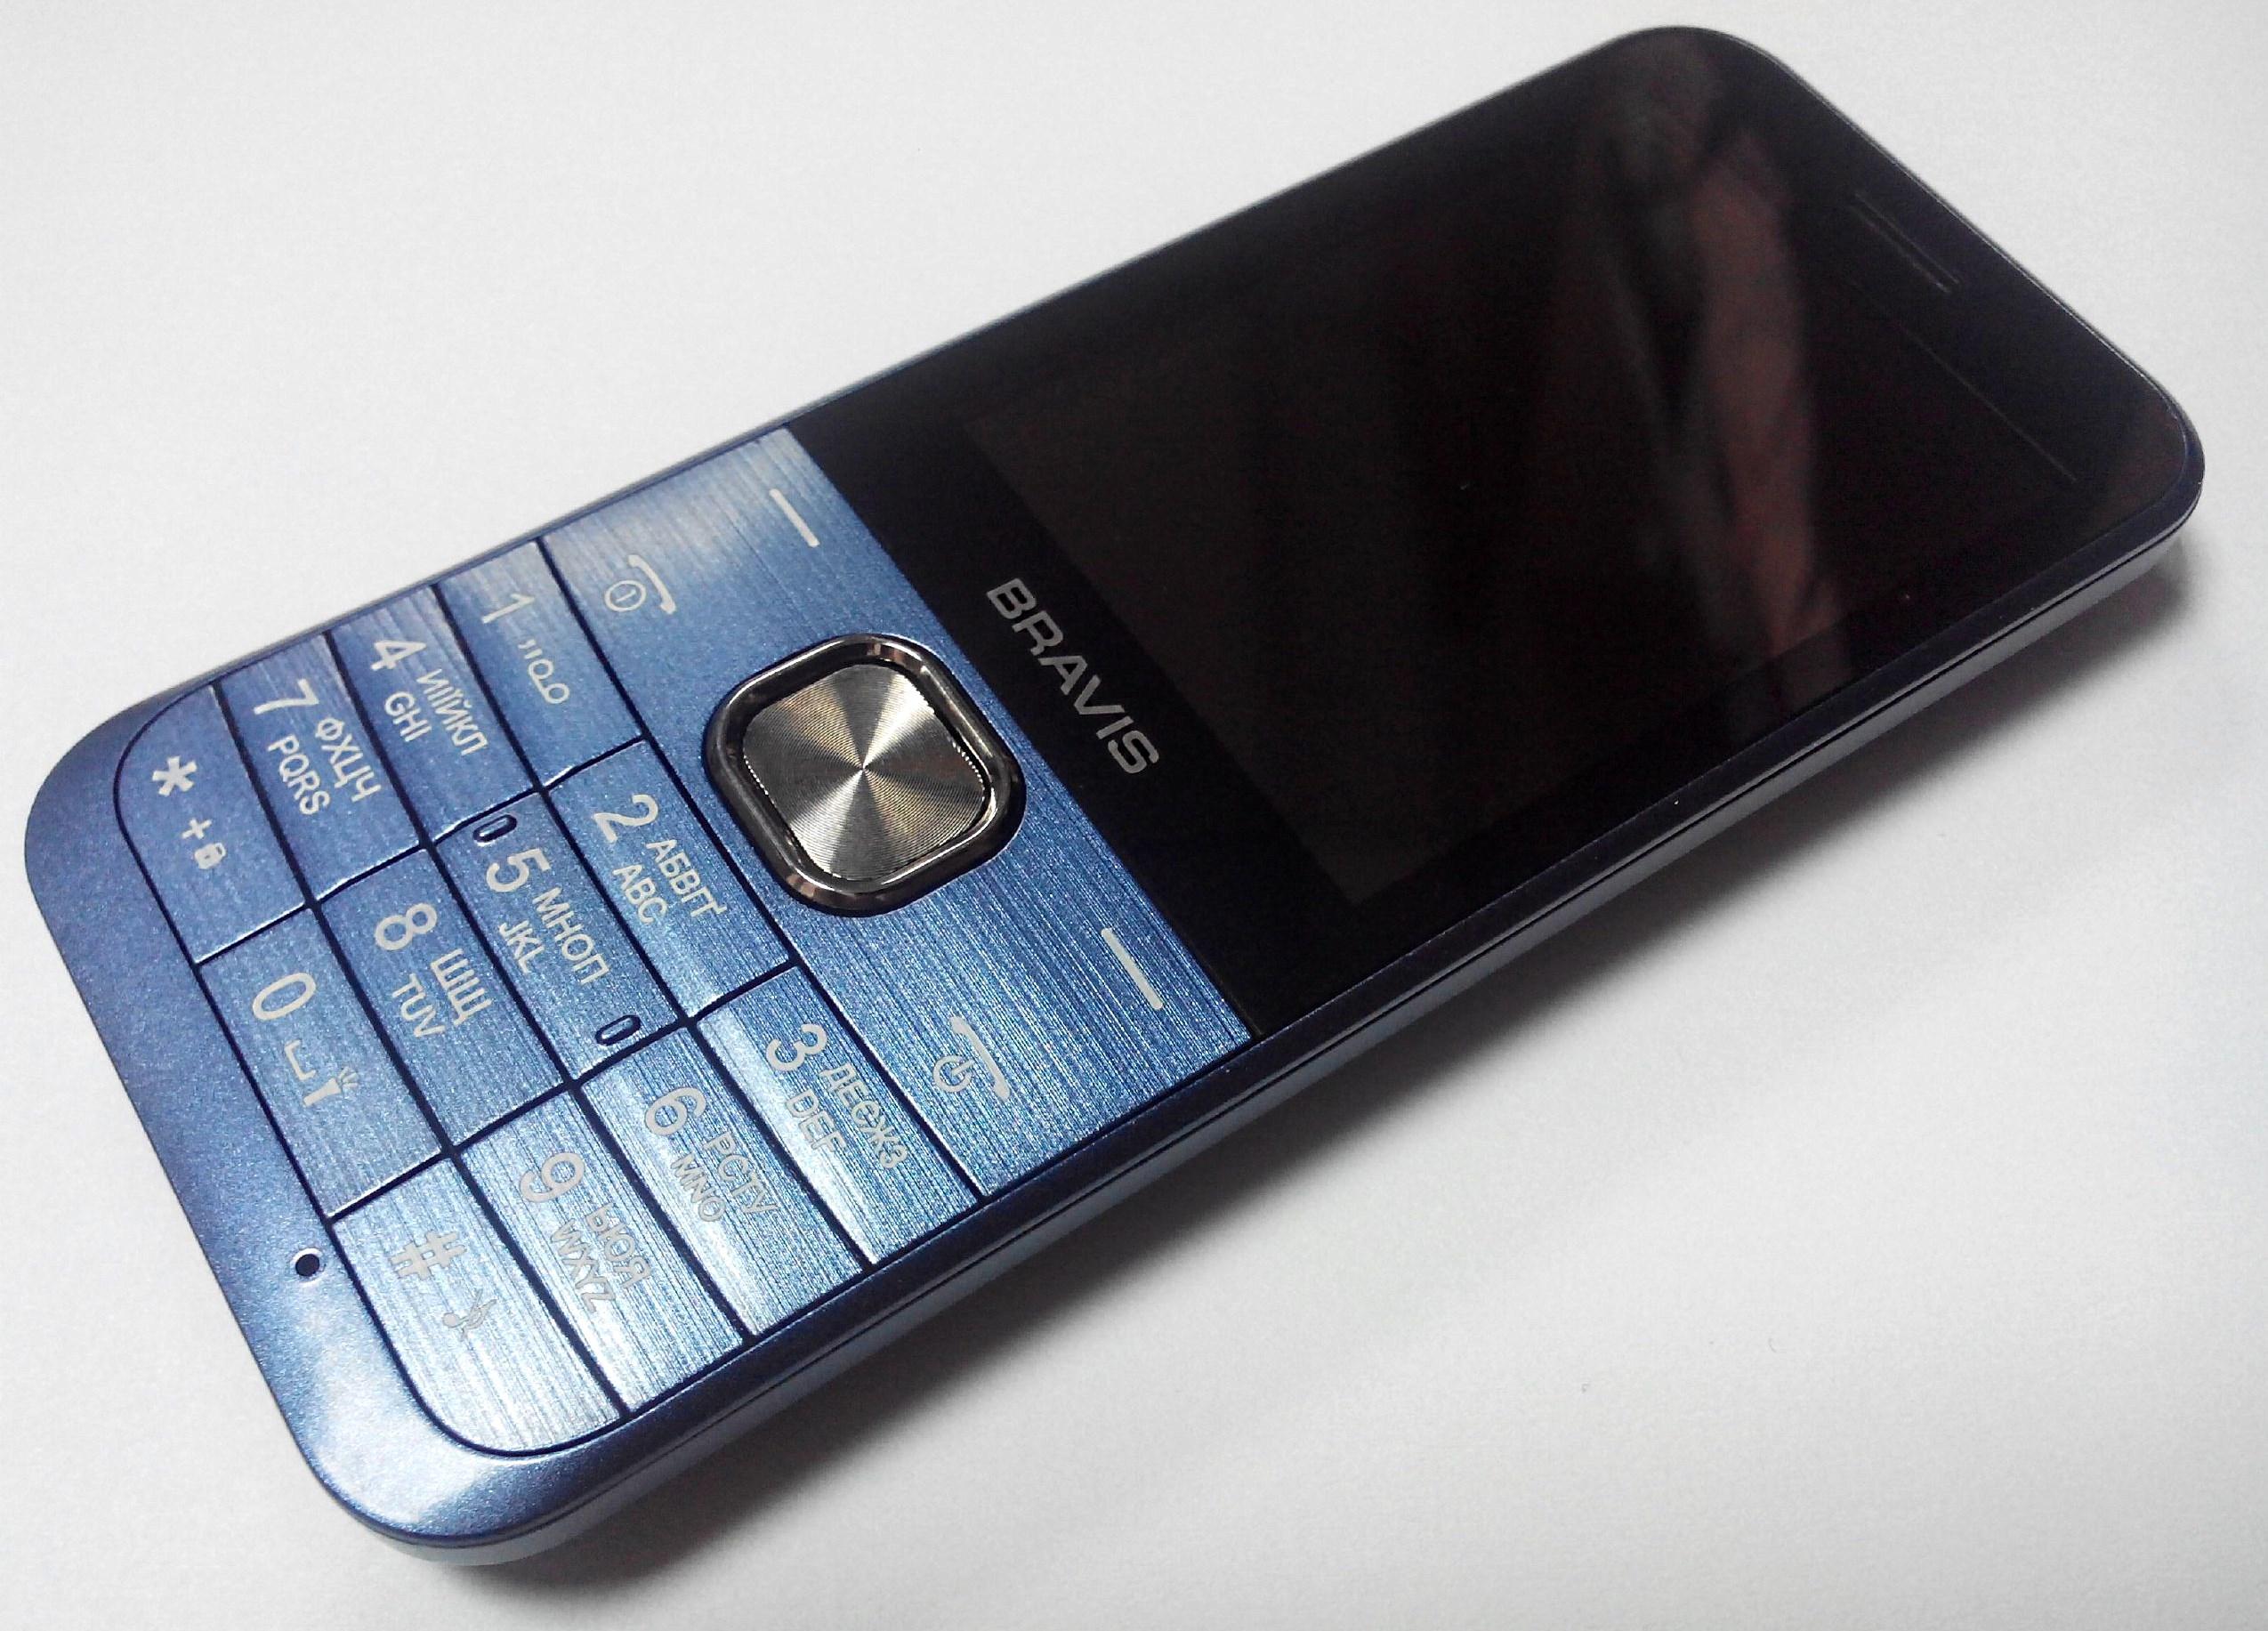 телефон bravis classic обзор